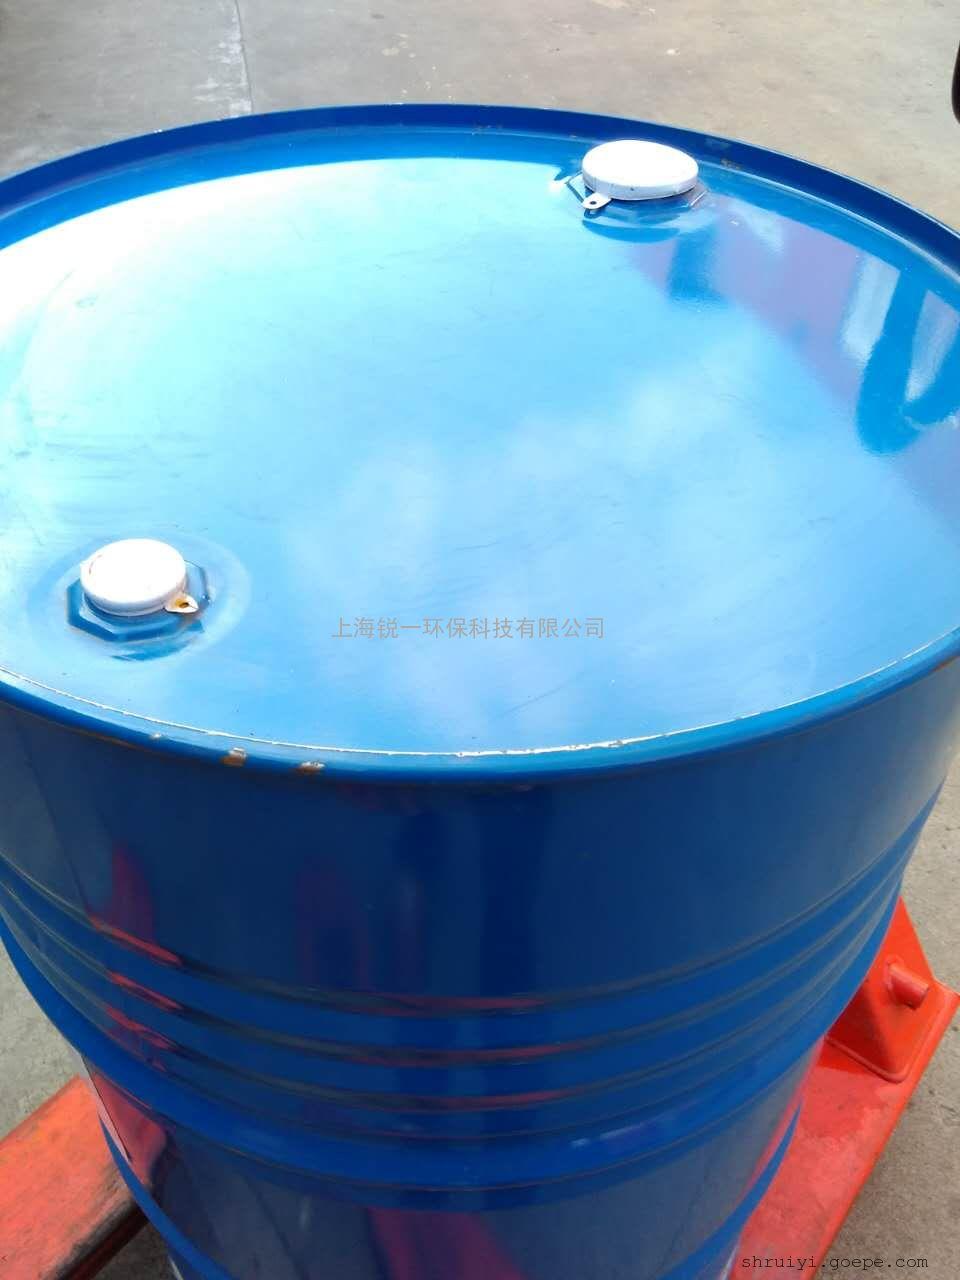 反式-1,2-二氯乙烯 工业清洗剂